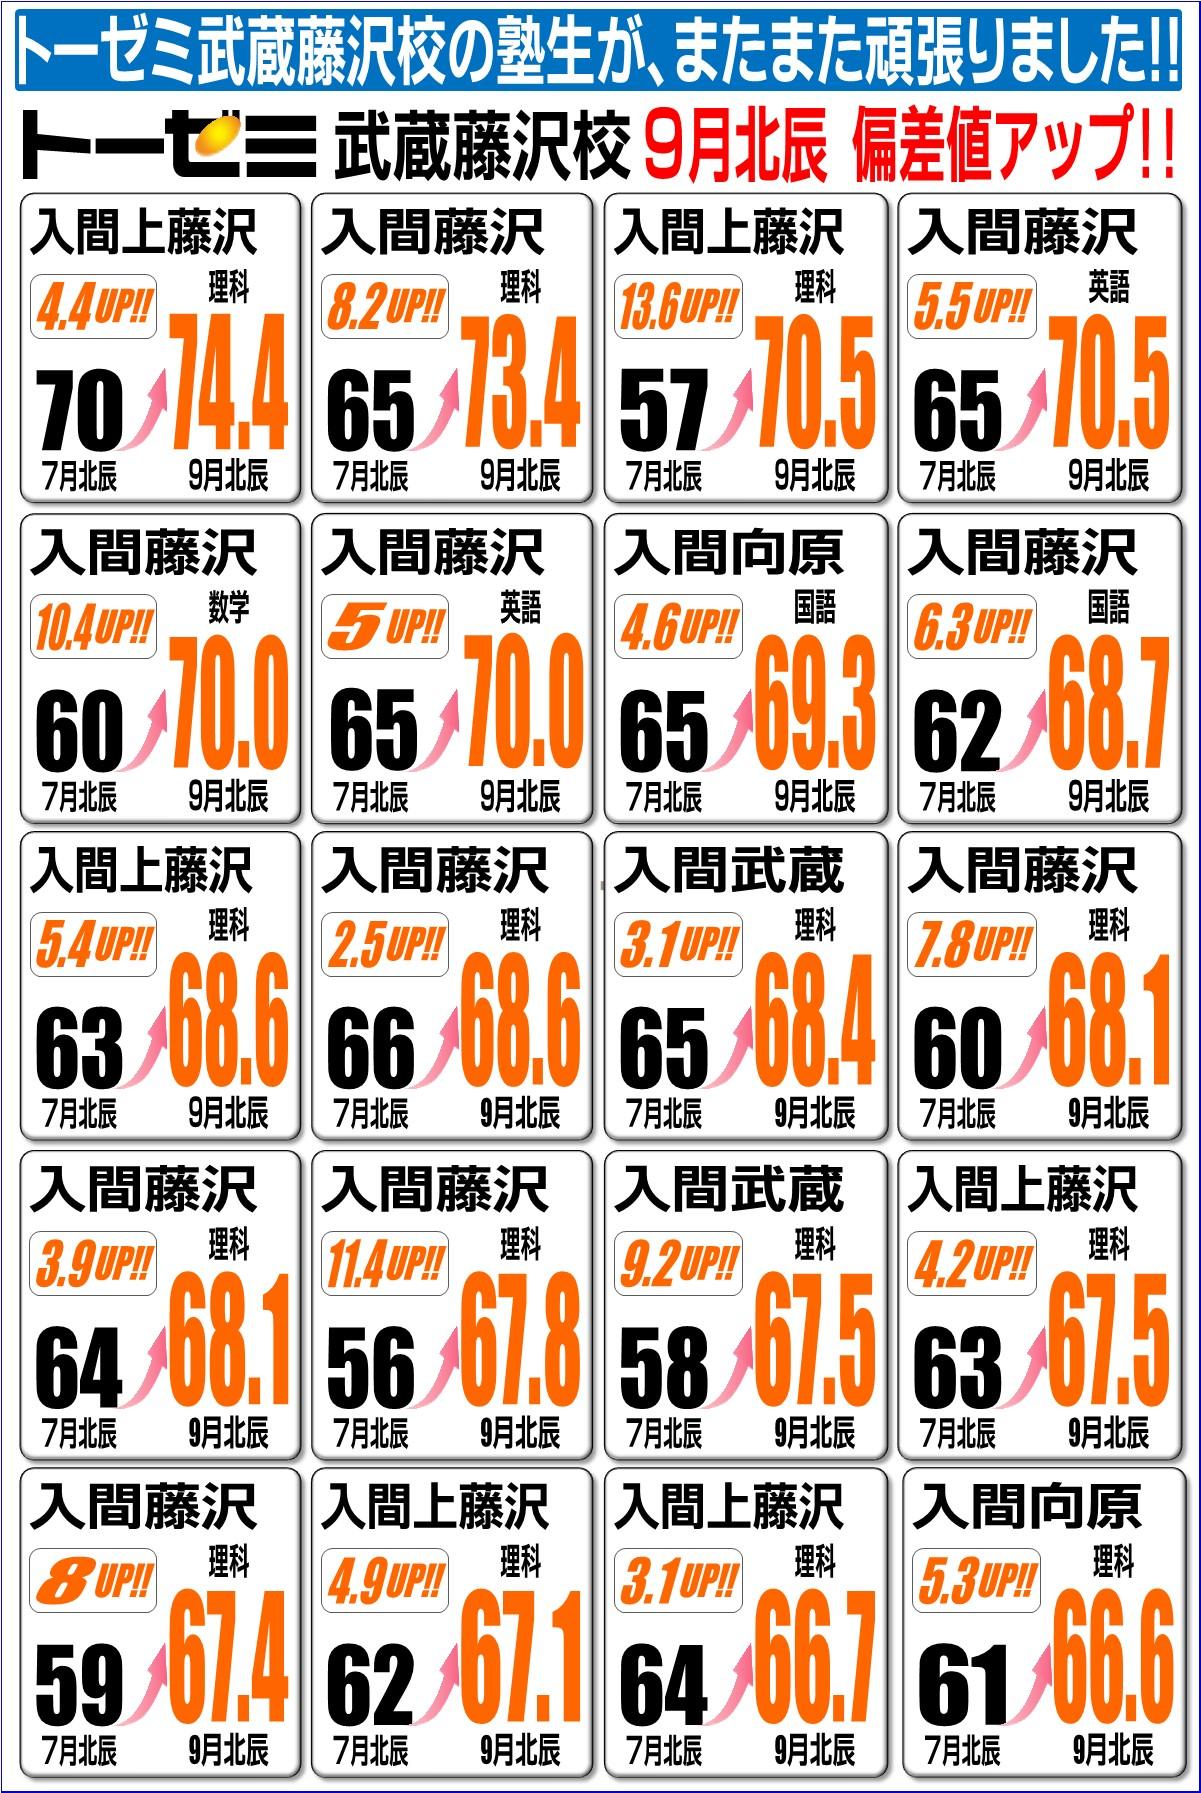 9月北辰テスト偏差値アップ!(学習塾トーゼミ 武蔵藤沢校)